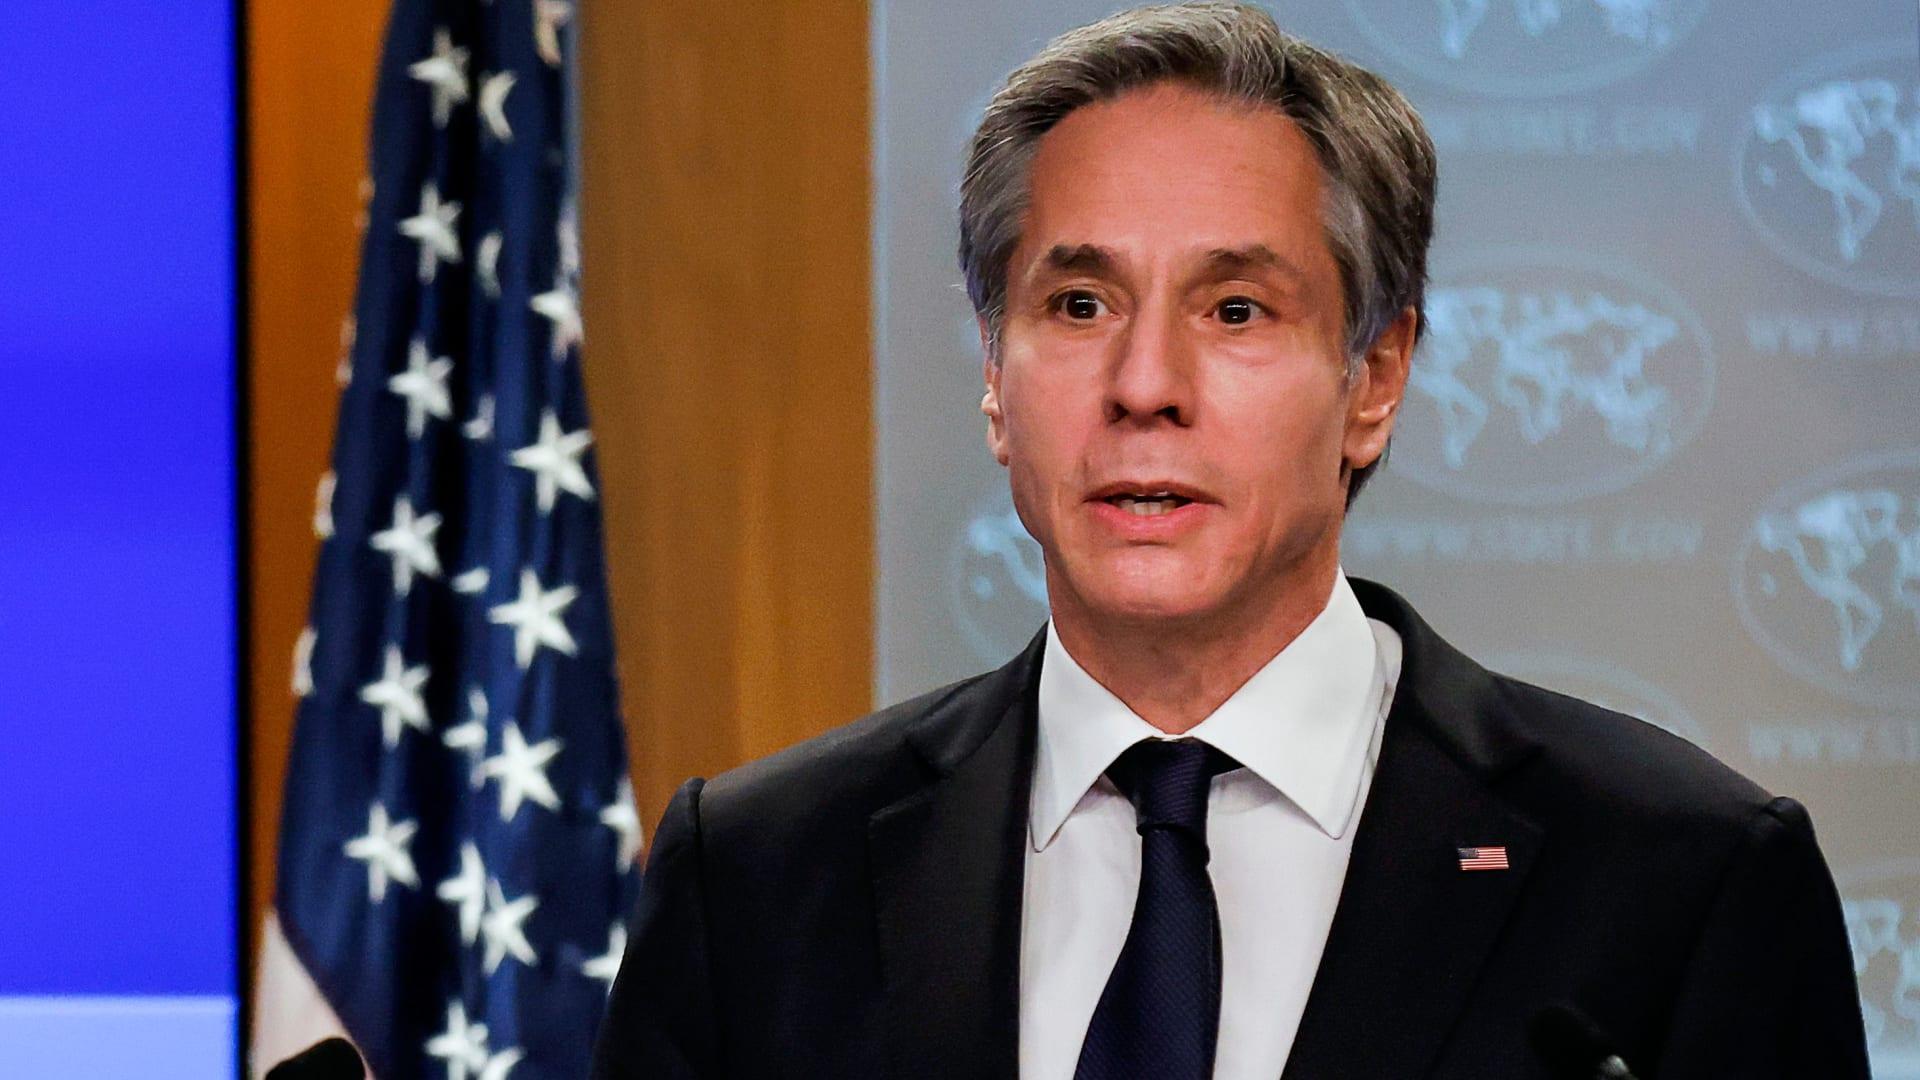 وزير الخارجية الأمريكية يناقش مع نظيره الإماراتي الانفتاح مع إسرائيل وحل الخلاف مع قطر